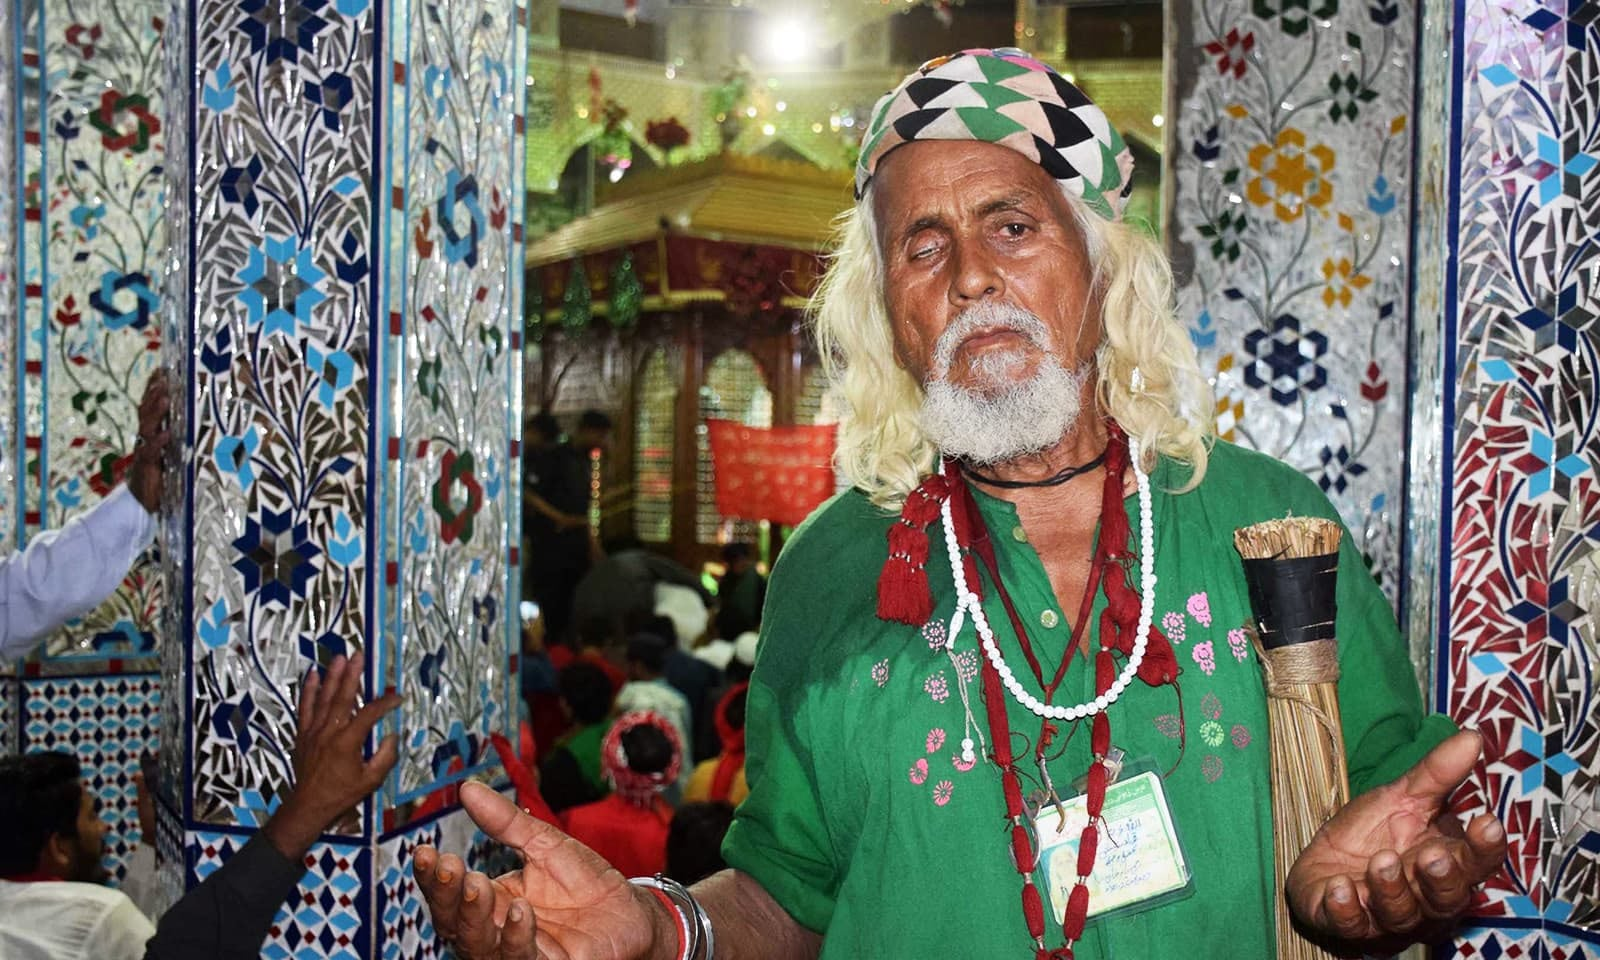 ایک بزرگ مزار کے اندورنی احاطے میں دعا گو ہیں —فوٹو: اے پی پی